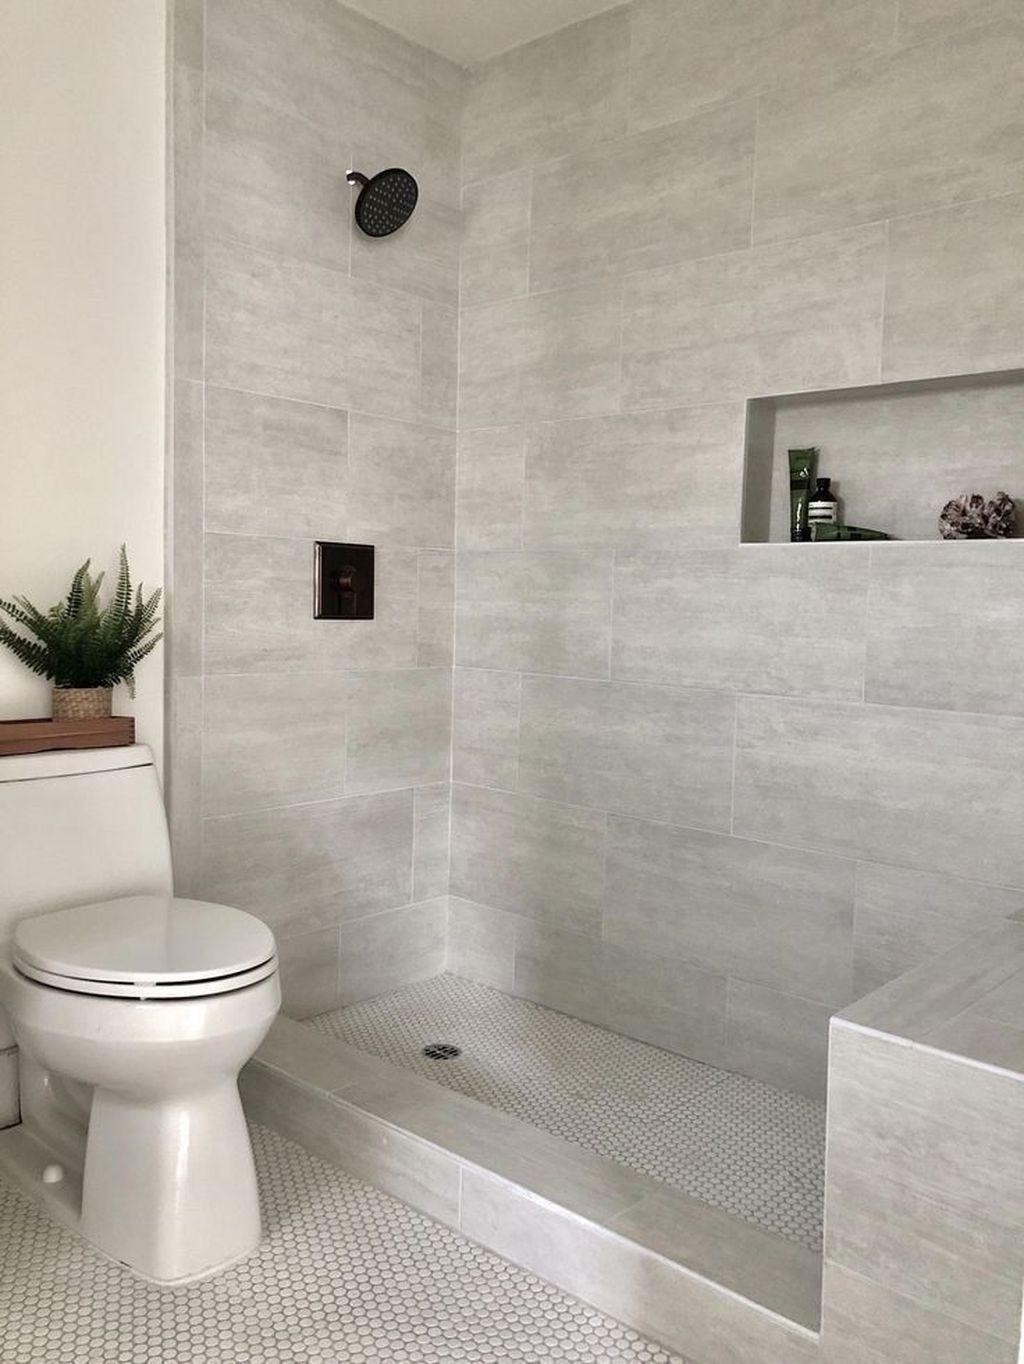 36 Amazing Small Bathroom Design Ideas In 2020 Toilette Design Badezimmer Dusche Fliesen Dusche Fliesen